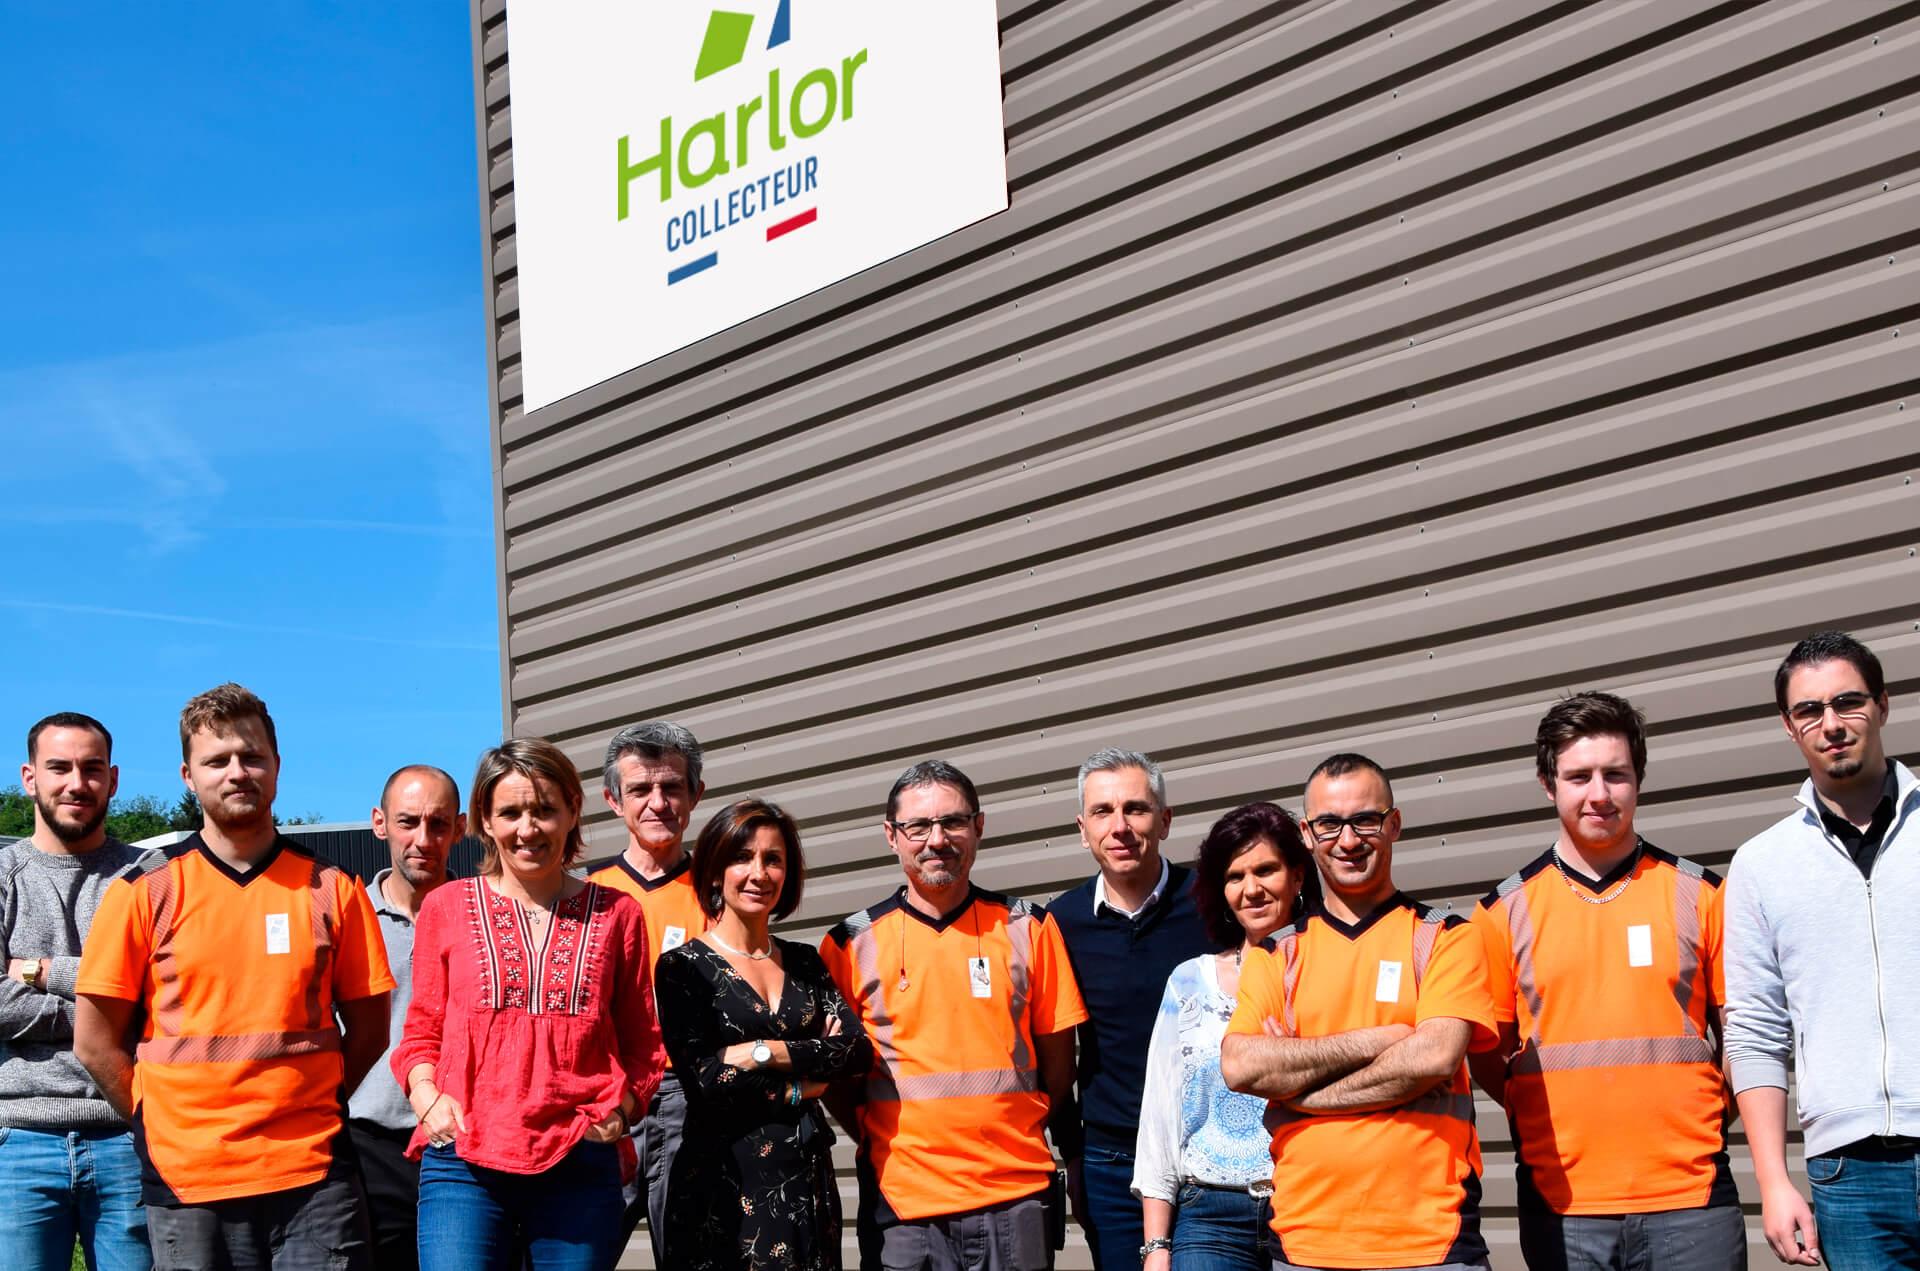 Harlor Collecteur - Notre équipe